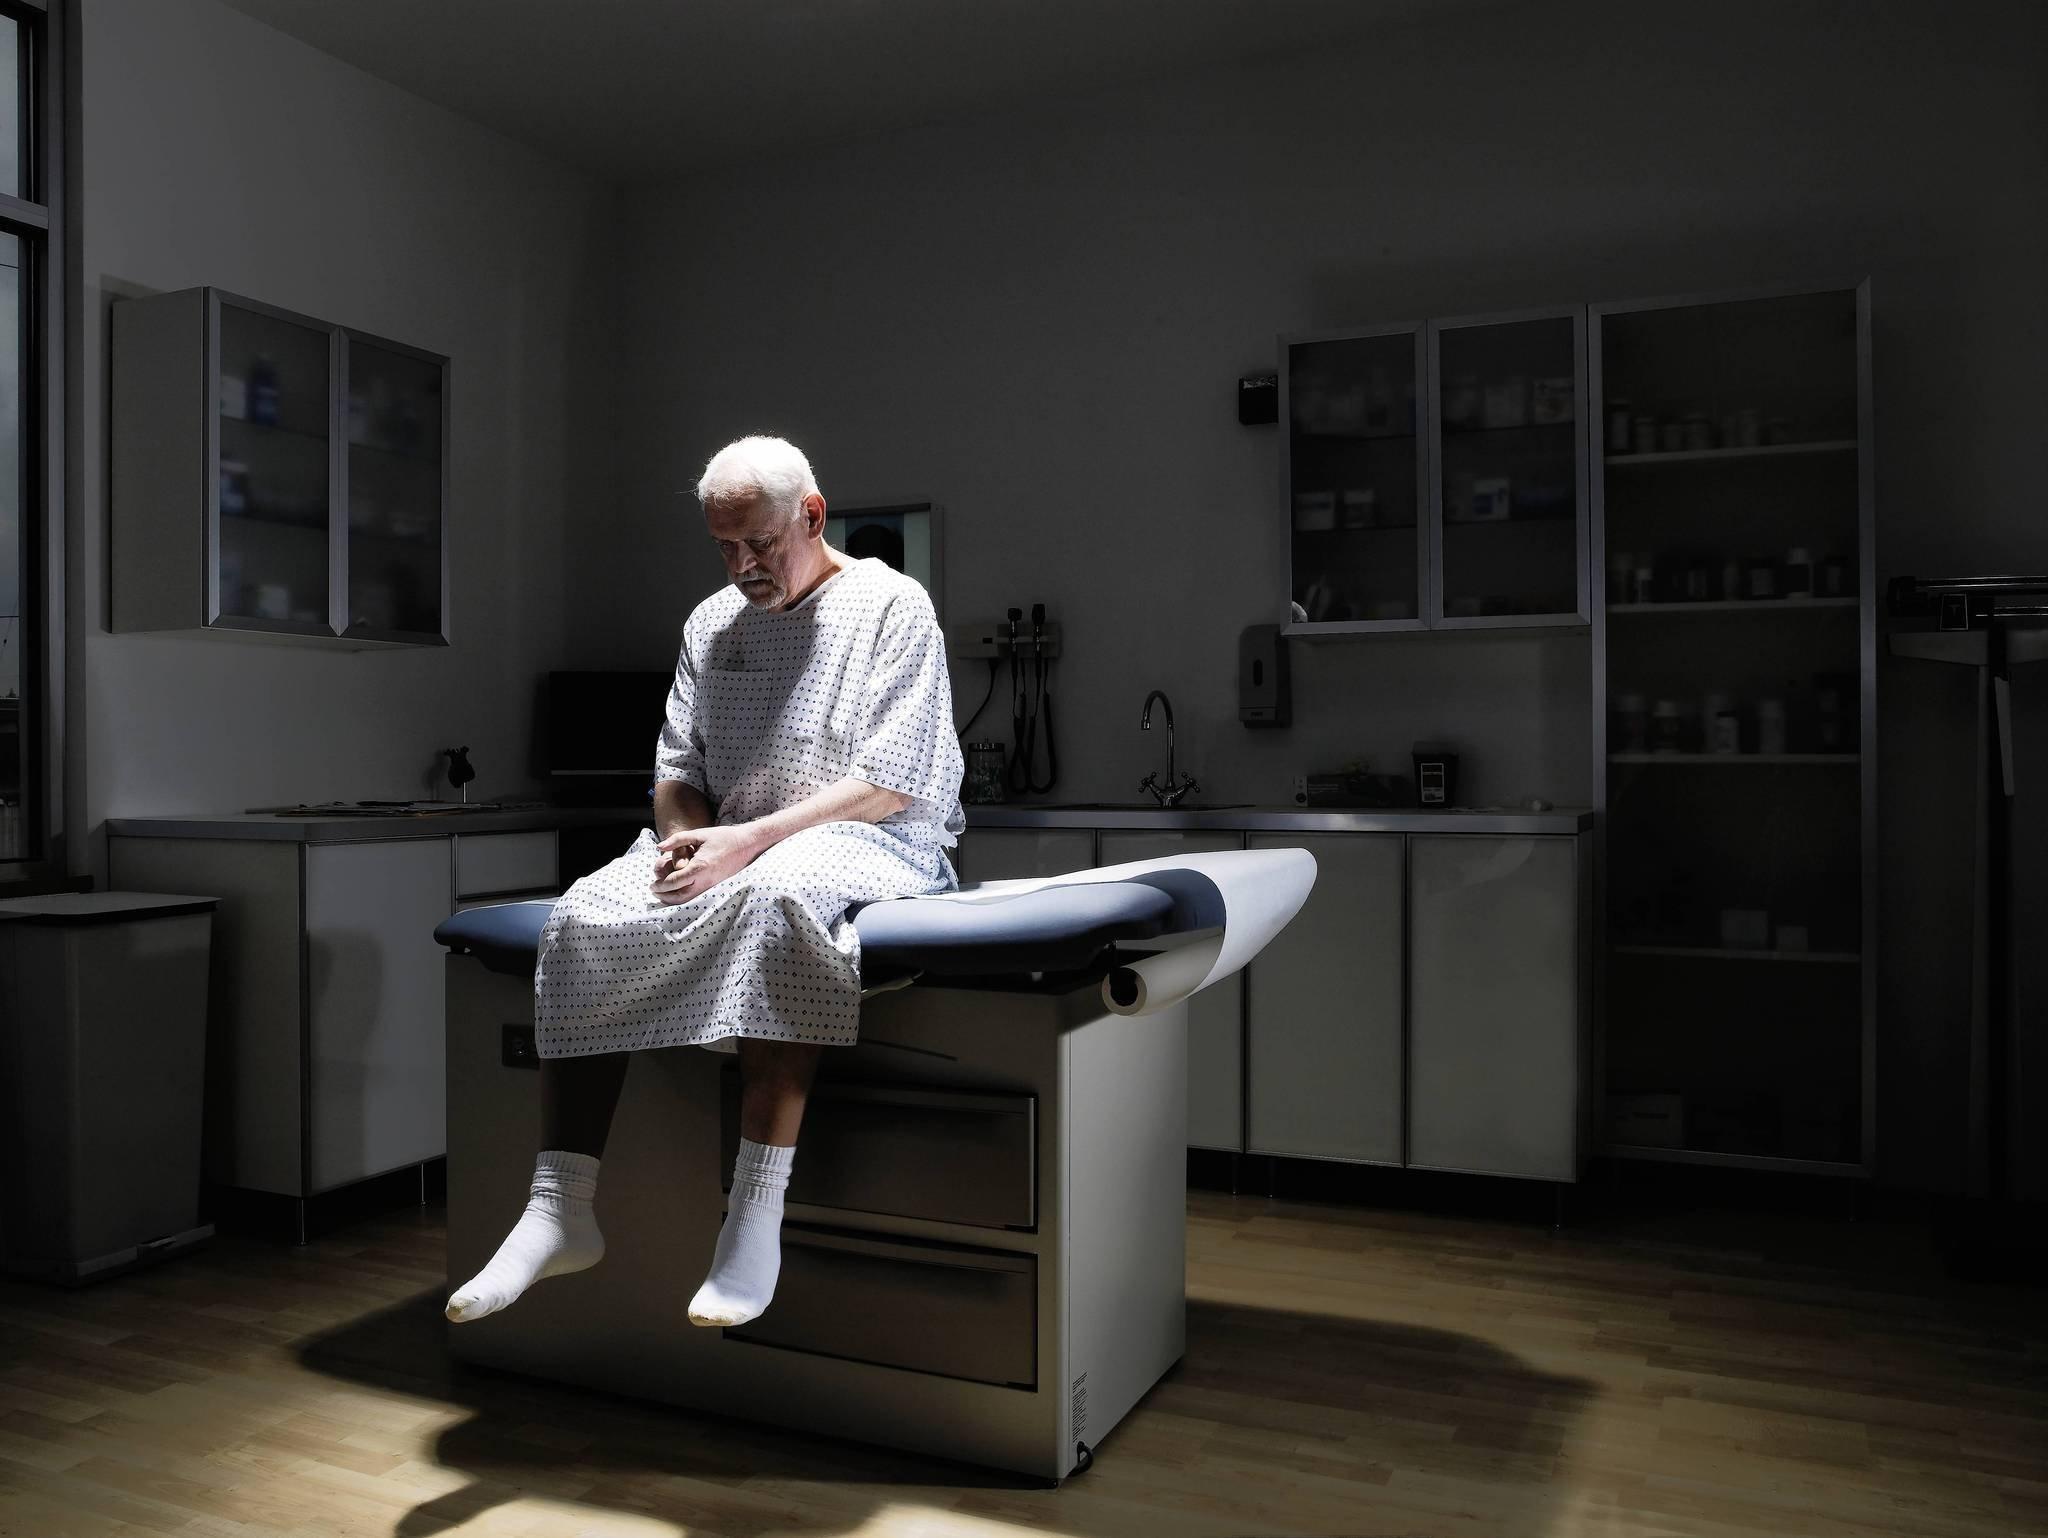 Как не впасть в панику или депрессию после постановки онкодиагноза — восемь шагов к выздоровлению | проект «новая жизнь»